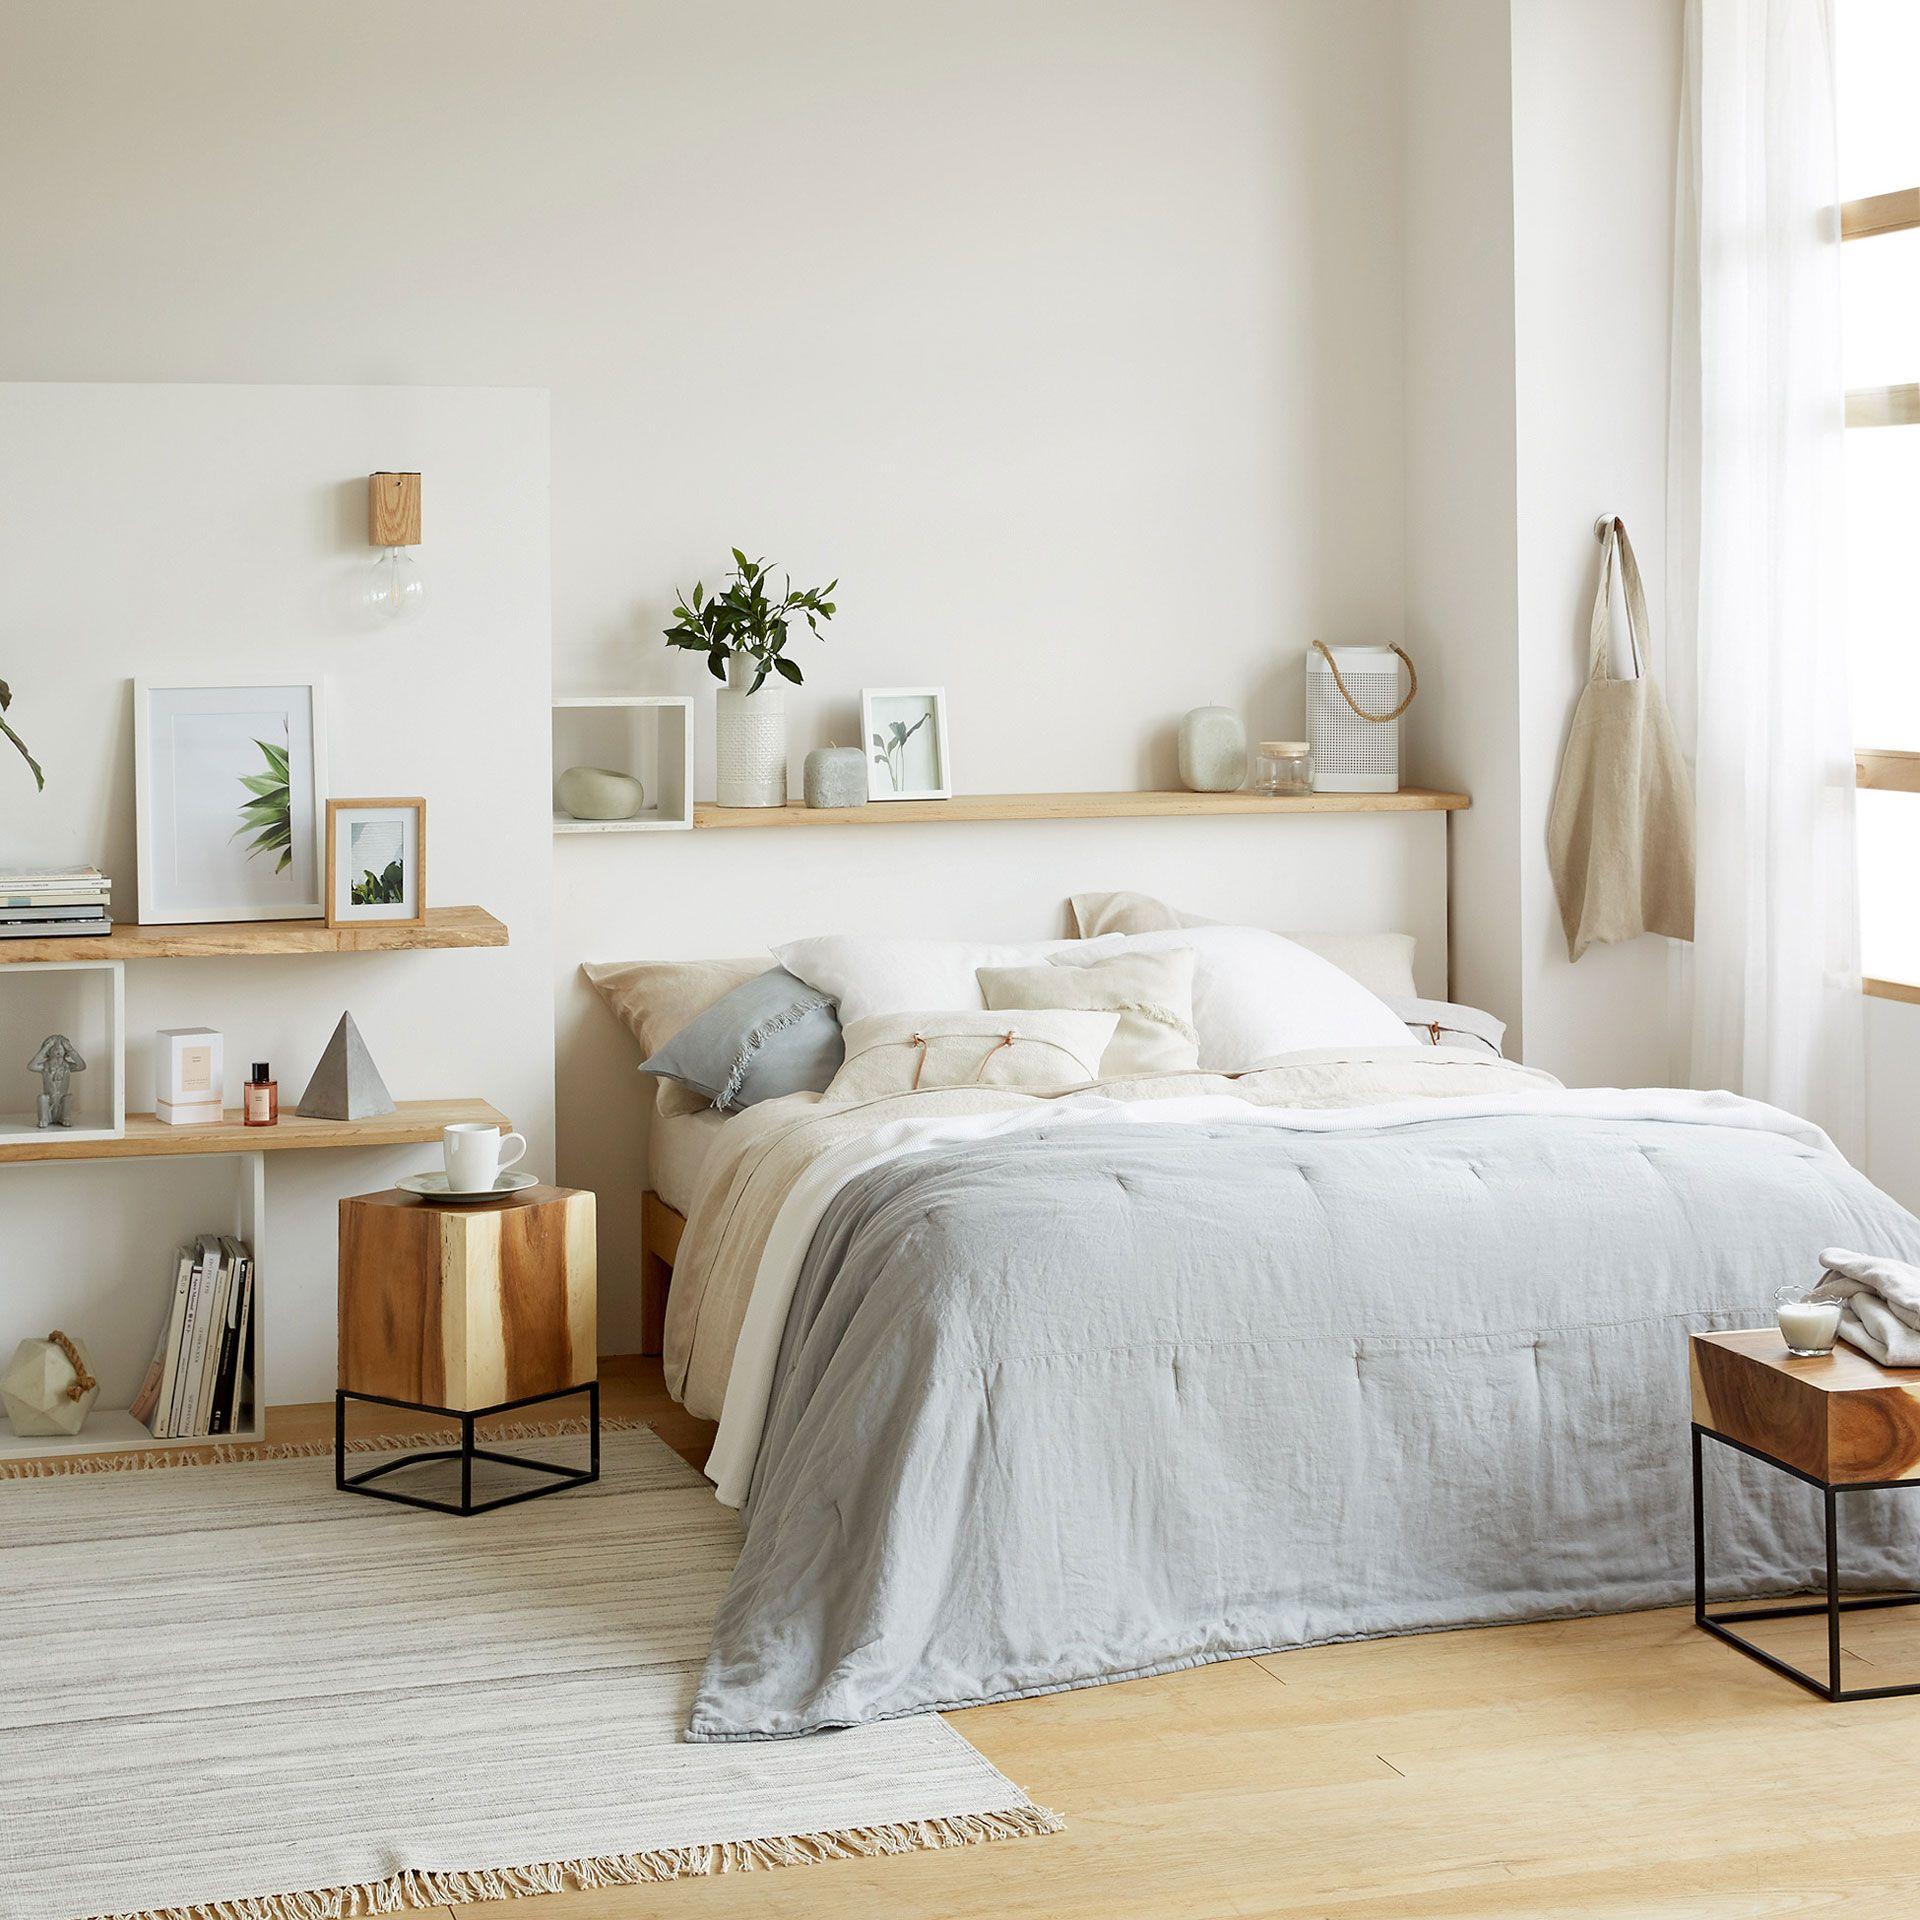 Bild 1 des Produktes Quilt und Kissenbezug aus gewaschenem